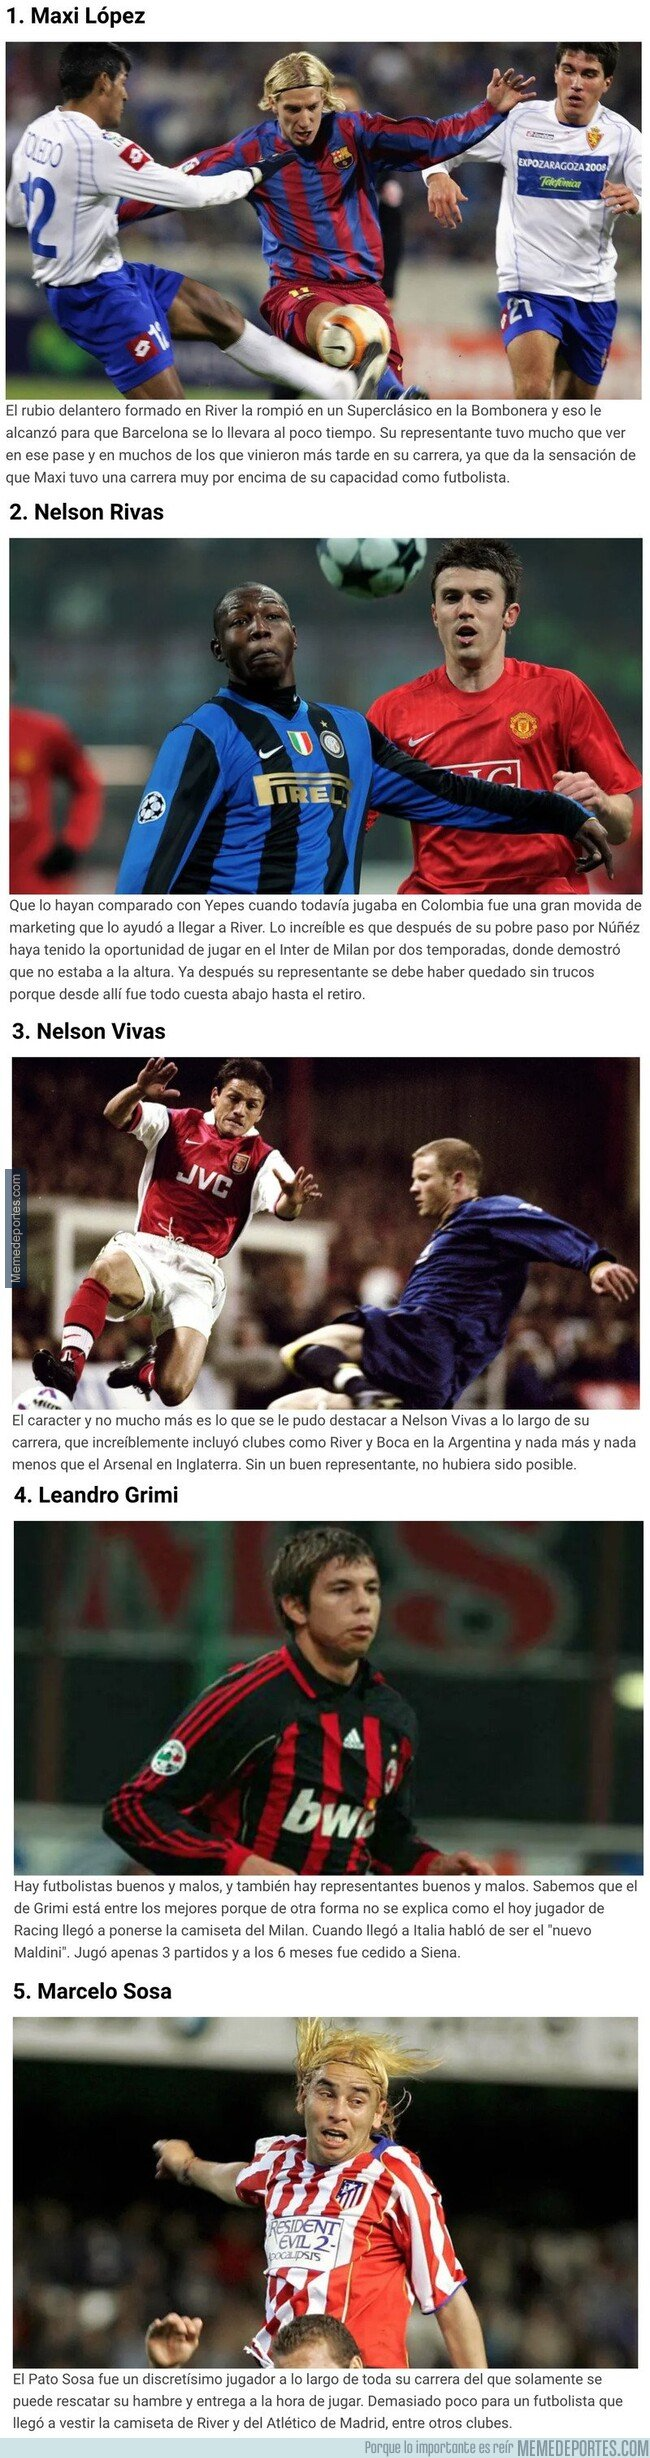 1095992 - Cinco jugadores sudamericanos que le deben su carrera a sus representantes